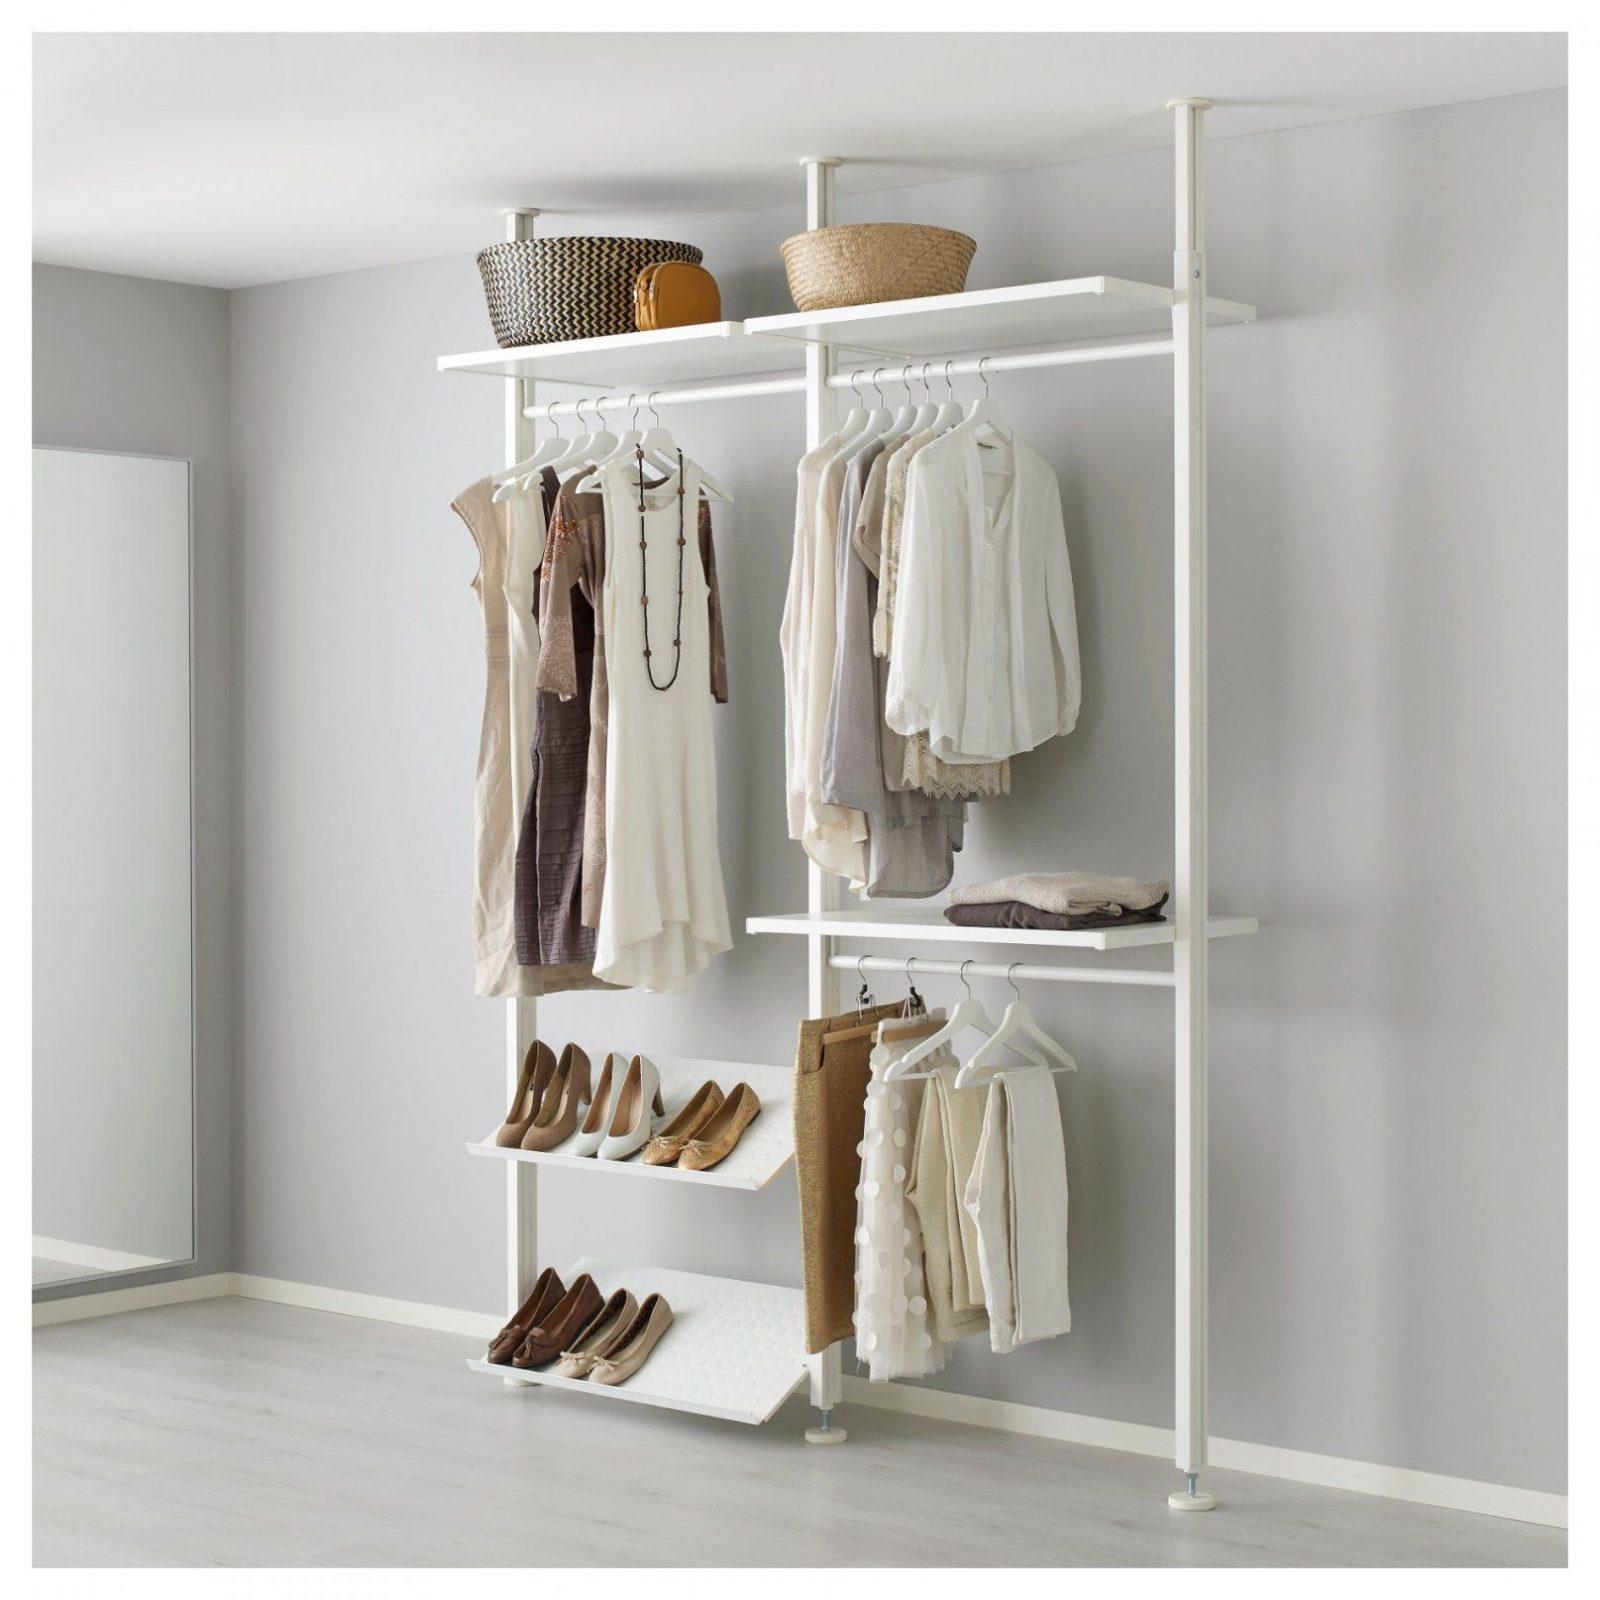 Wunderbar Beste Begehbarer Kleiderschrank Selber Bauen Anleitung von Begehbarer Kleiderschrank Selber Bauen Ikea Photo